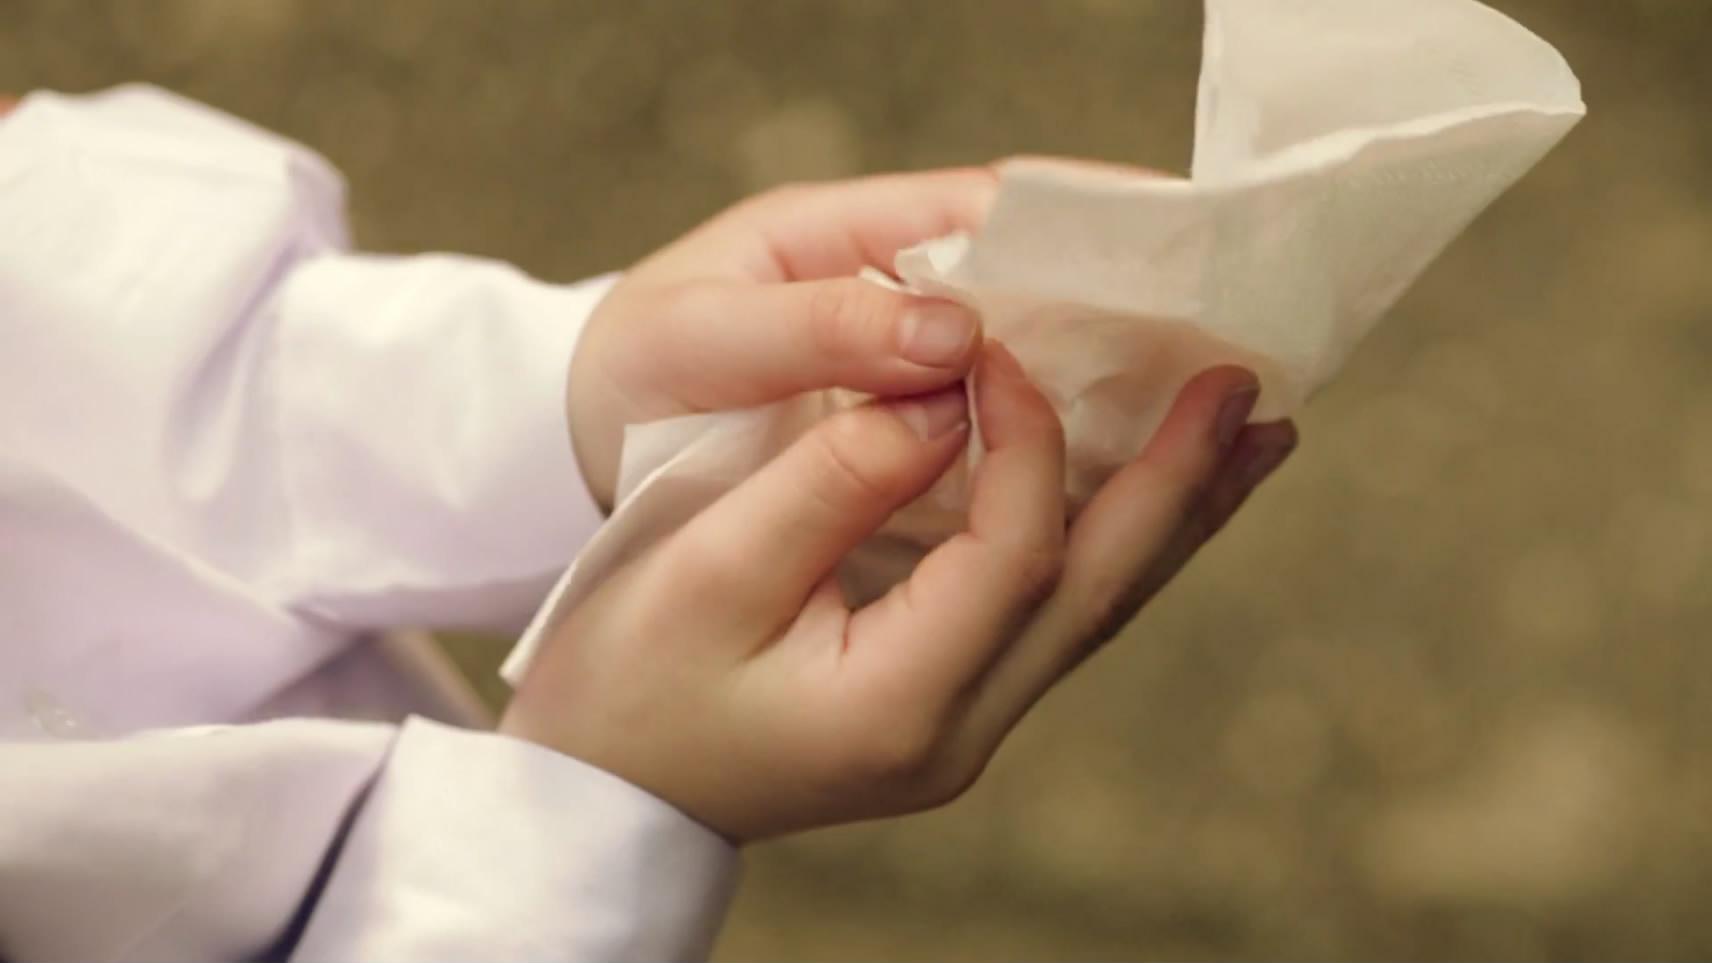 《阿嬤的衛生紙》最真实的温柔,呵护最爱的人【春风卫生纸广告片】